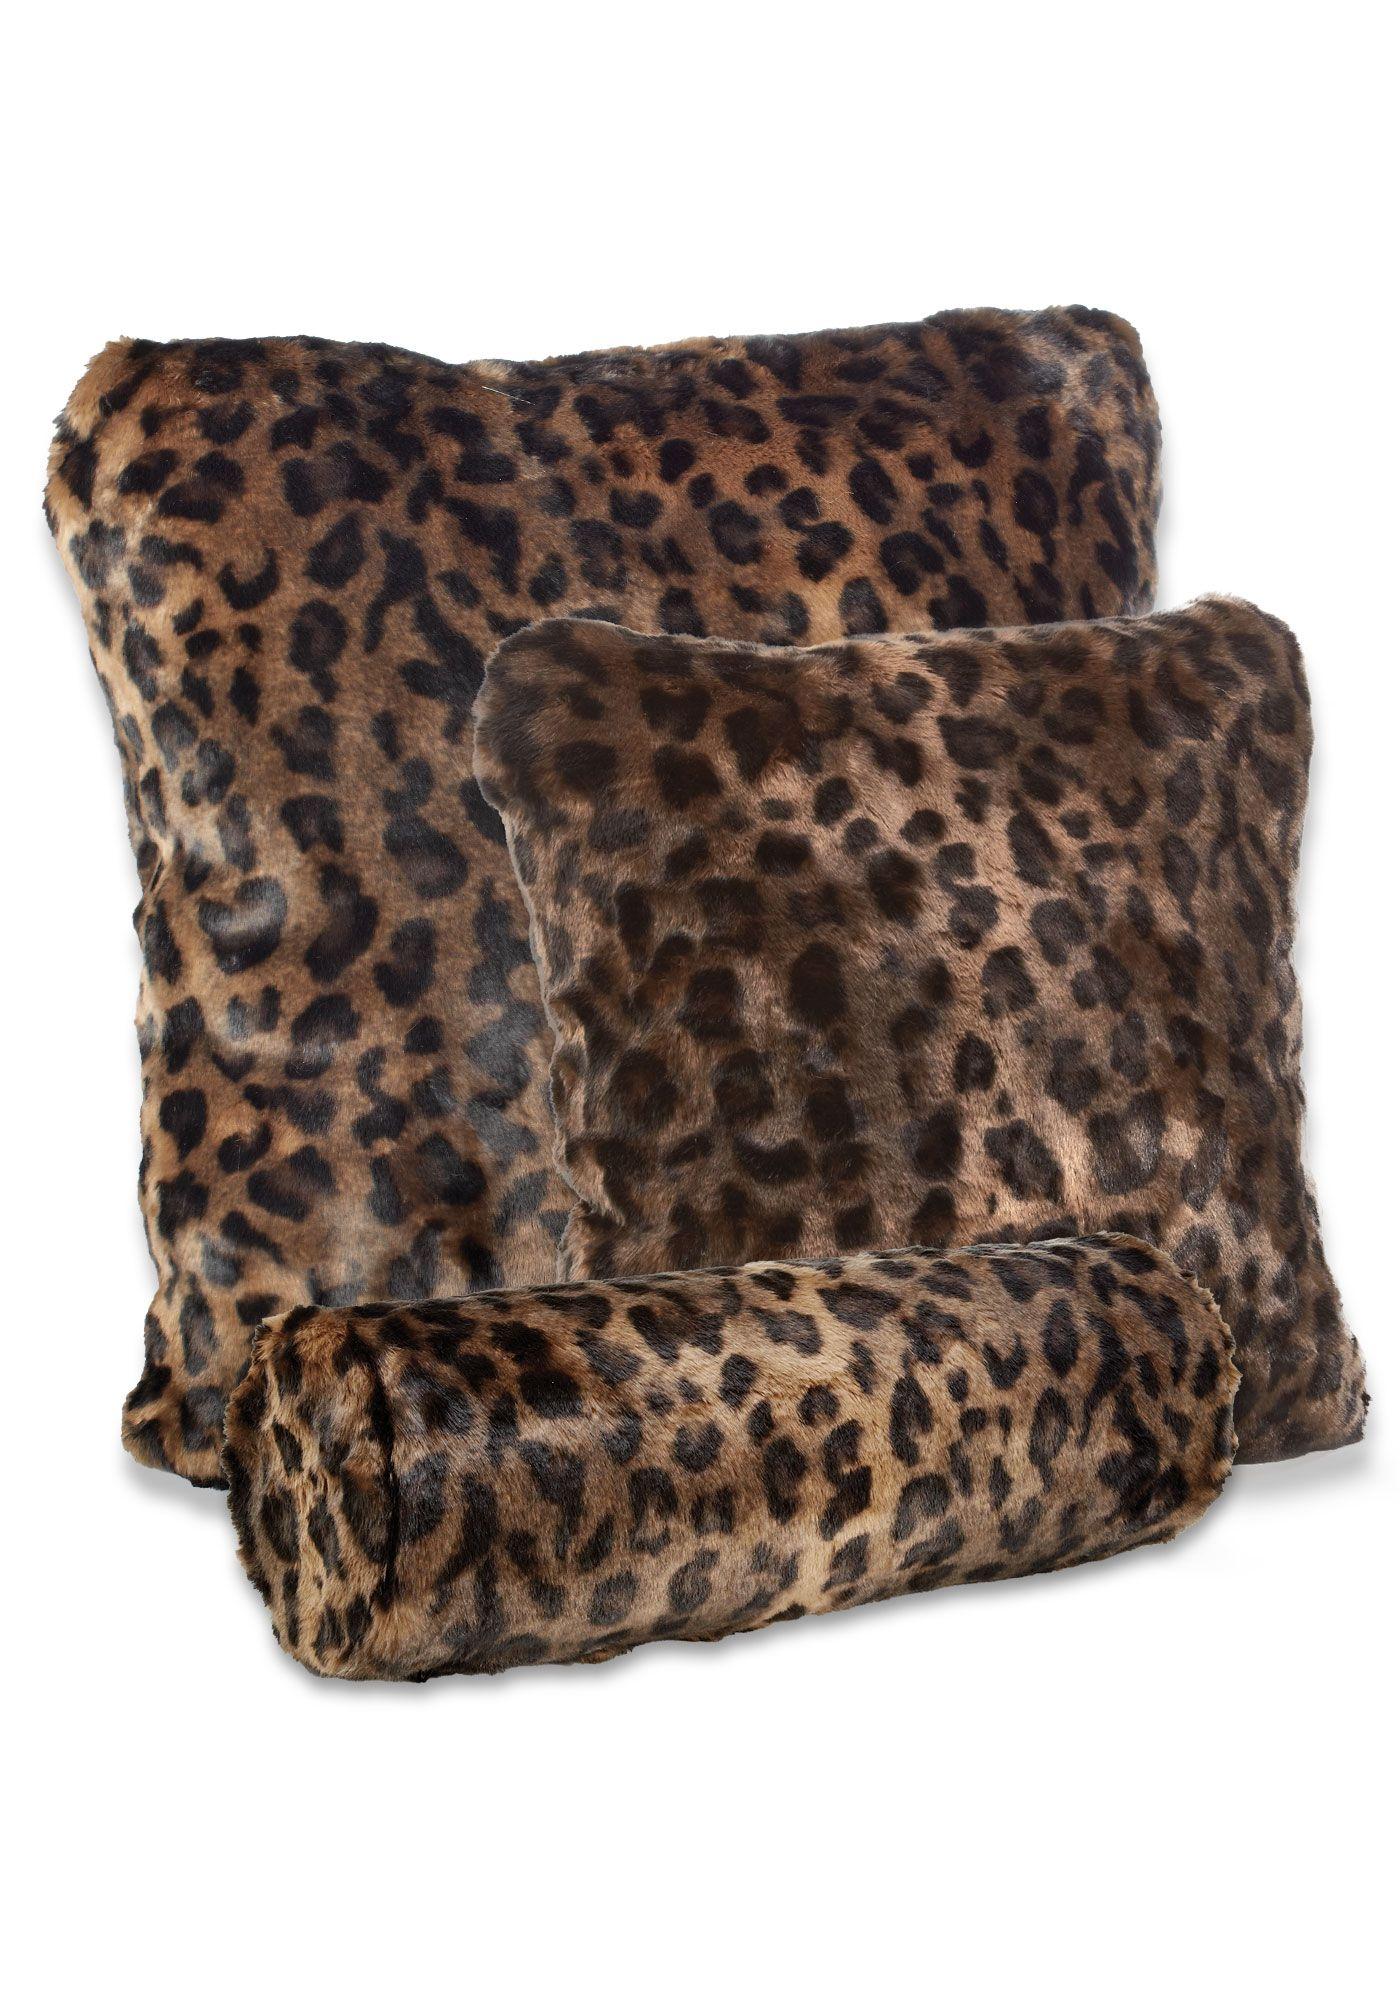 Faux Fur Pillows, Animal Print Faux Fur